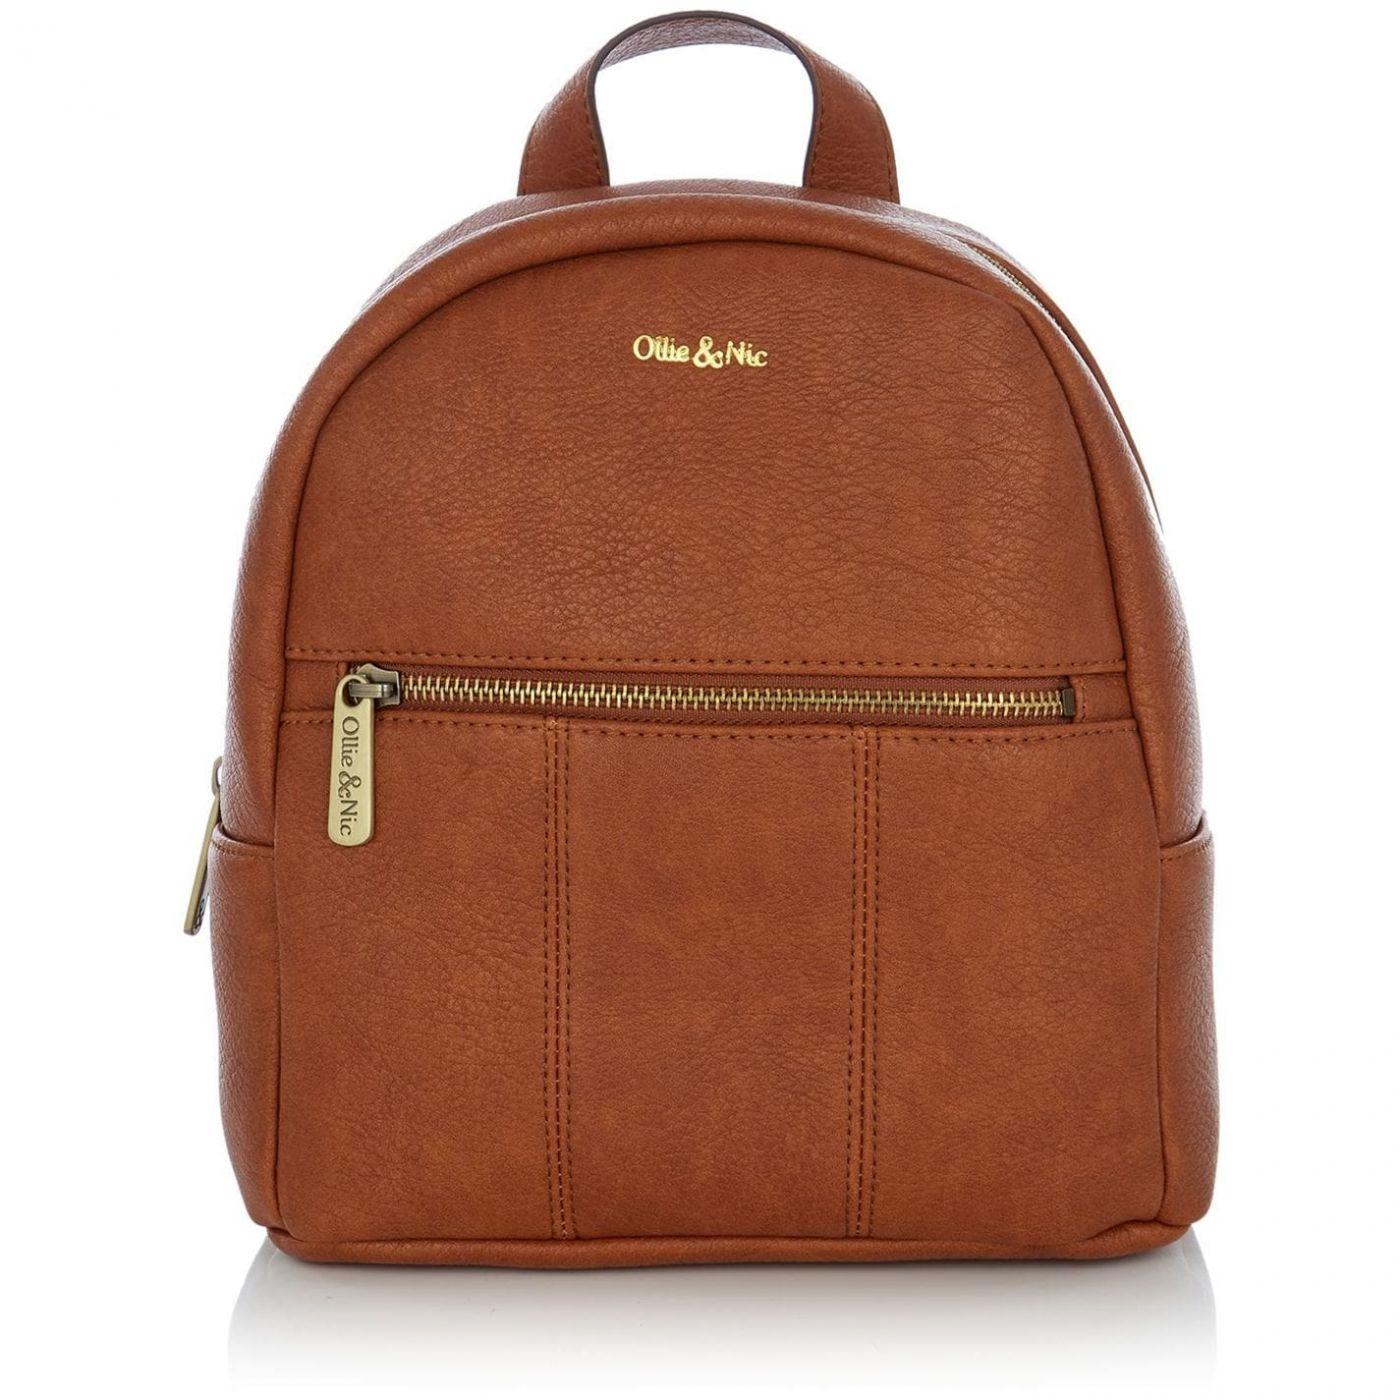 Ollie and Nic Blake backpack